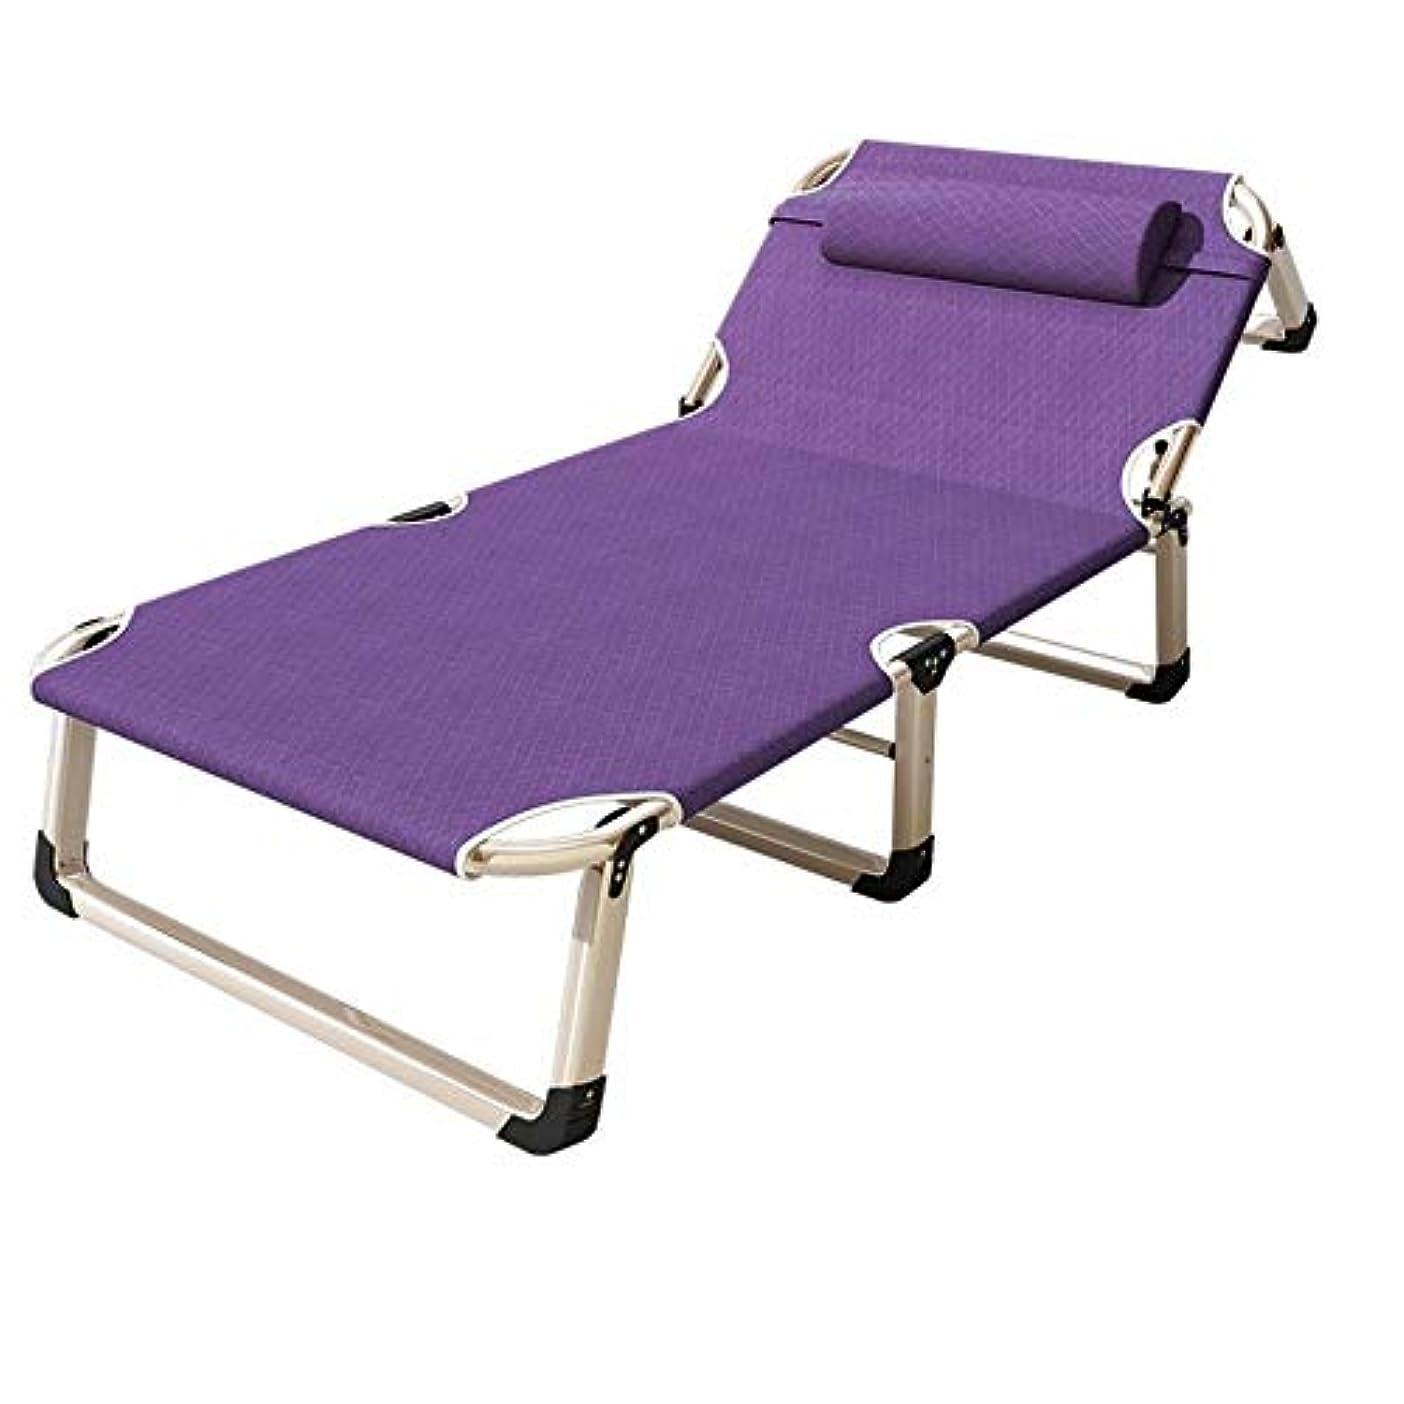 シャッフル怠アサーFULONG 重い人のための枕そしてクッションが付いているキャンプのリクライニングチェアゼロ重力屋外のビーチ芝生の携帯用椅子 (色 : Purple)